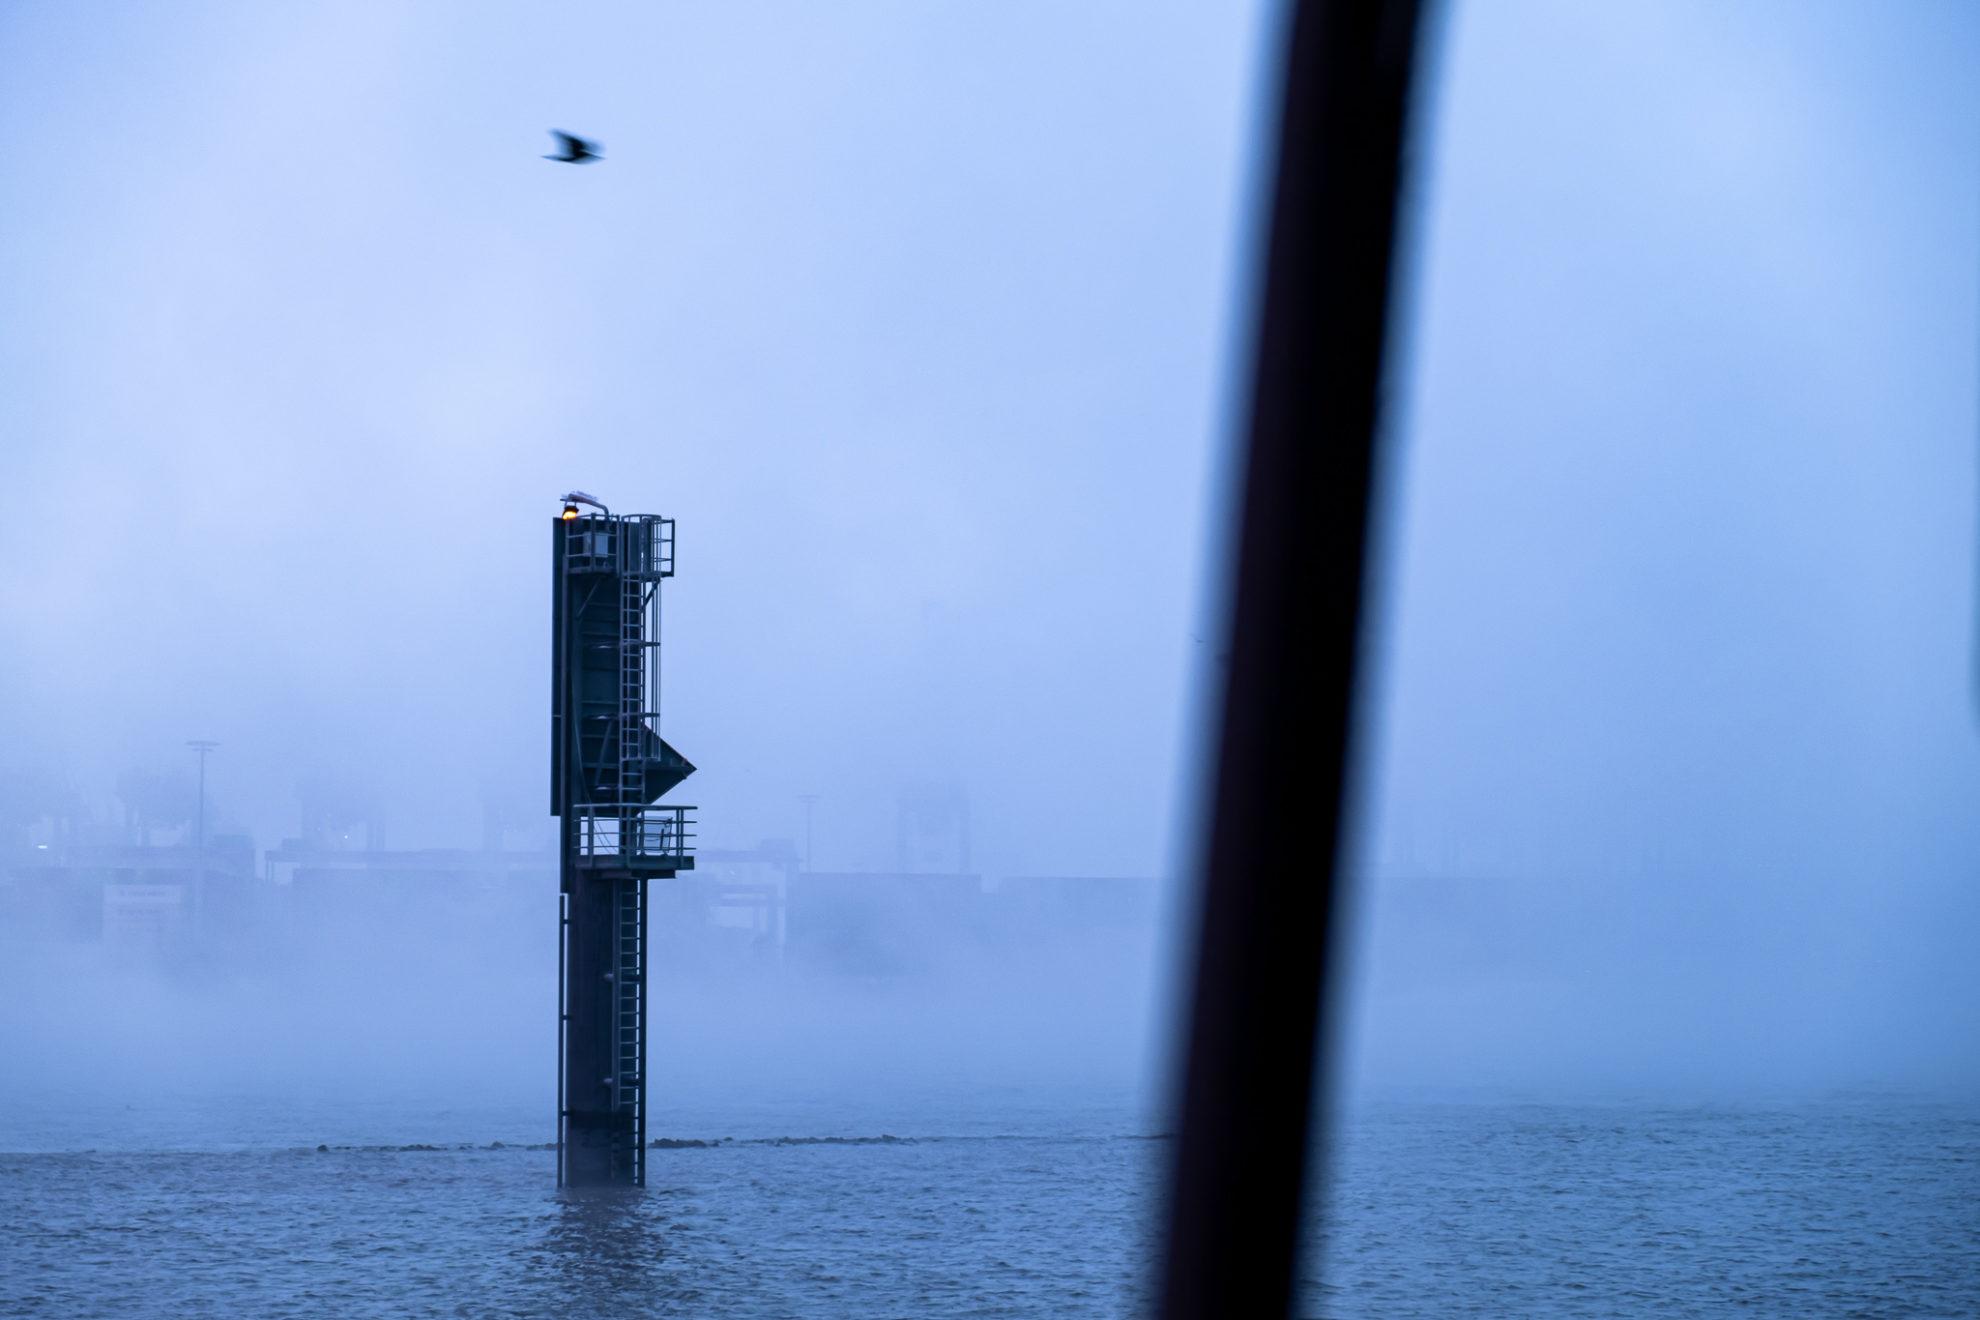 Nebel schwebt über dem Wasser der Elbe. Ein Vogel fliegt über einen Pfahl im Wasser. Im Vordergrund ist ein schwarzer unscharfer Balken quer im Bild.